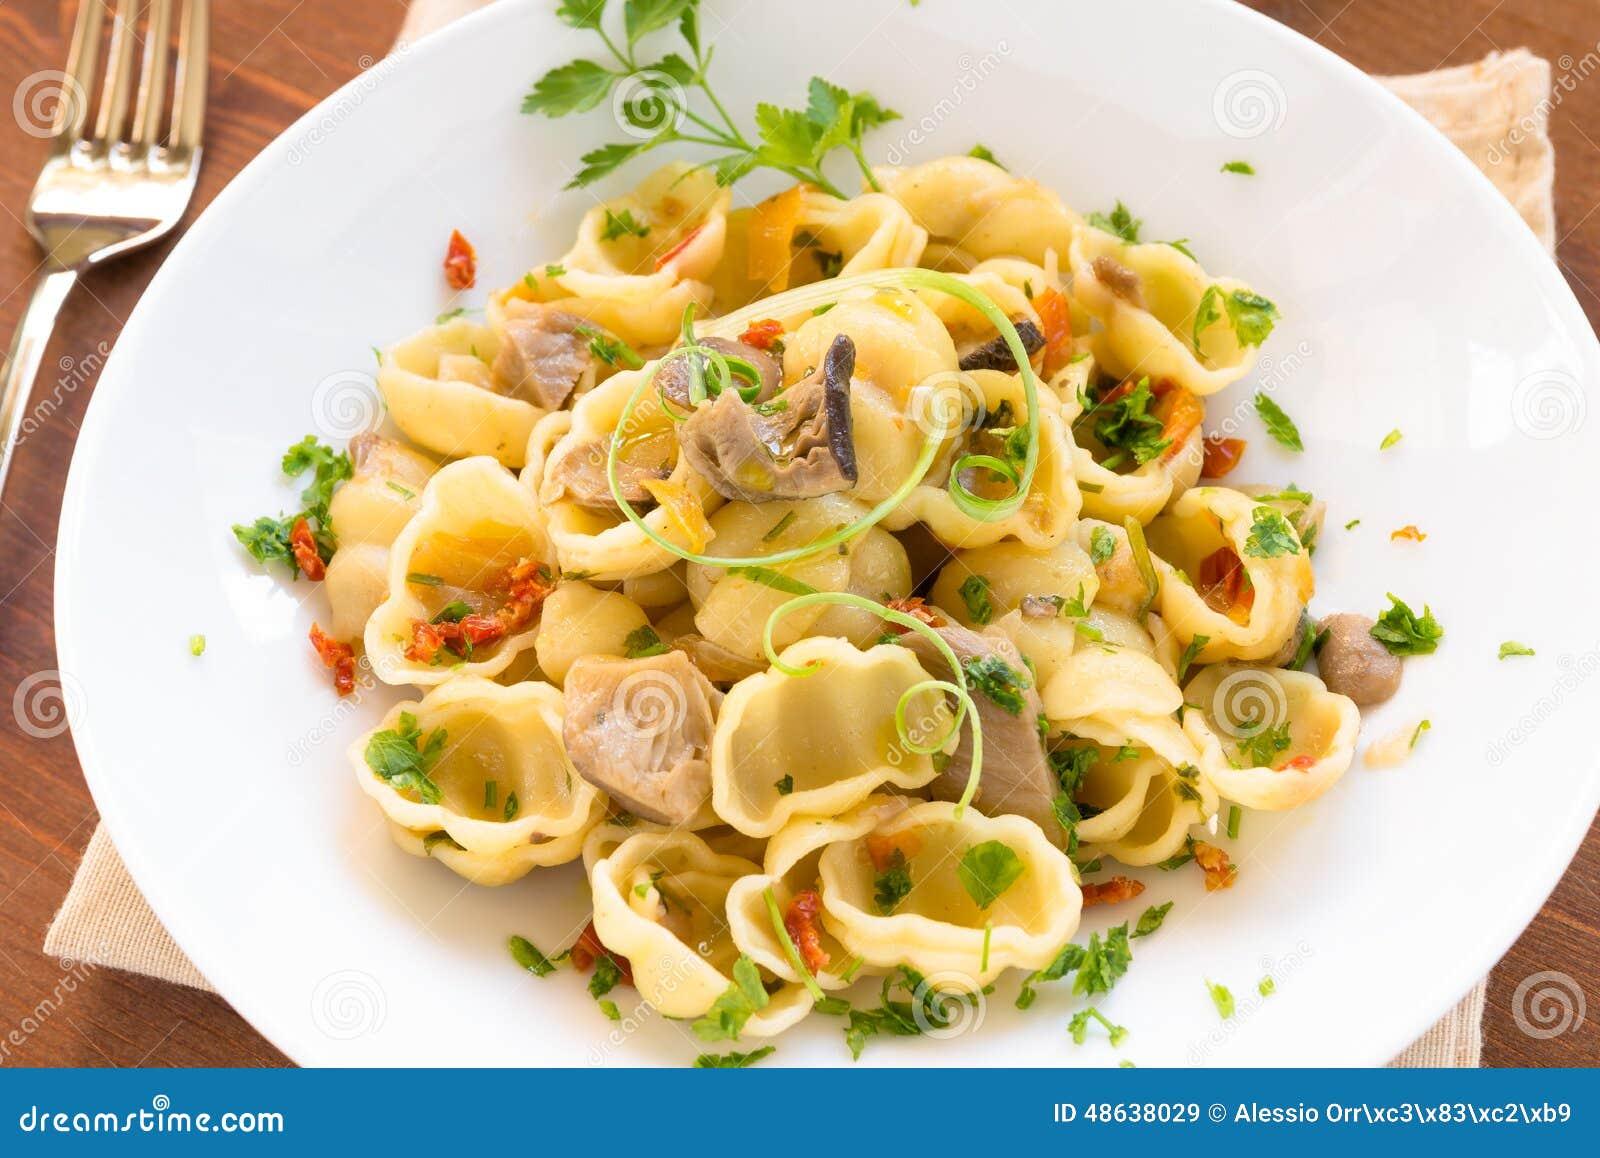 Gnocchi Con I Funghi Cucina Italiana Fotografia Stock Immagine  #3E3309 1300 958 Immagini Di Cucina E Soggiorno Insieme